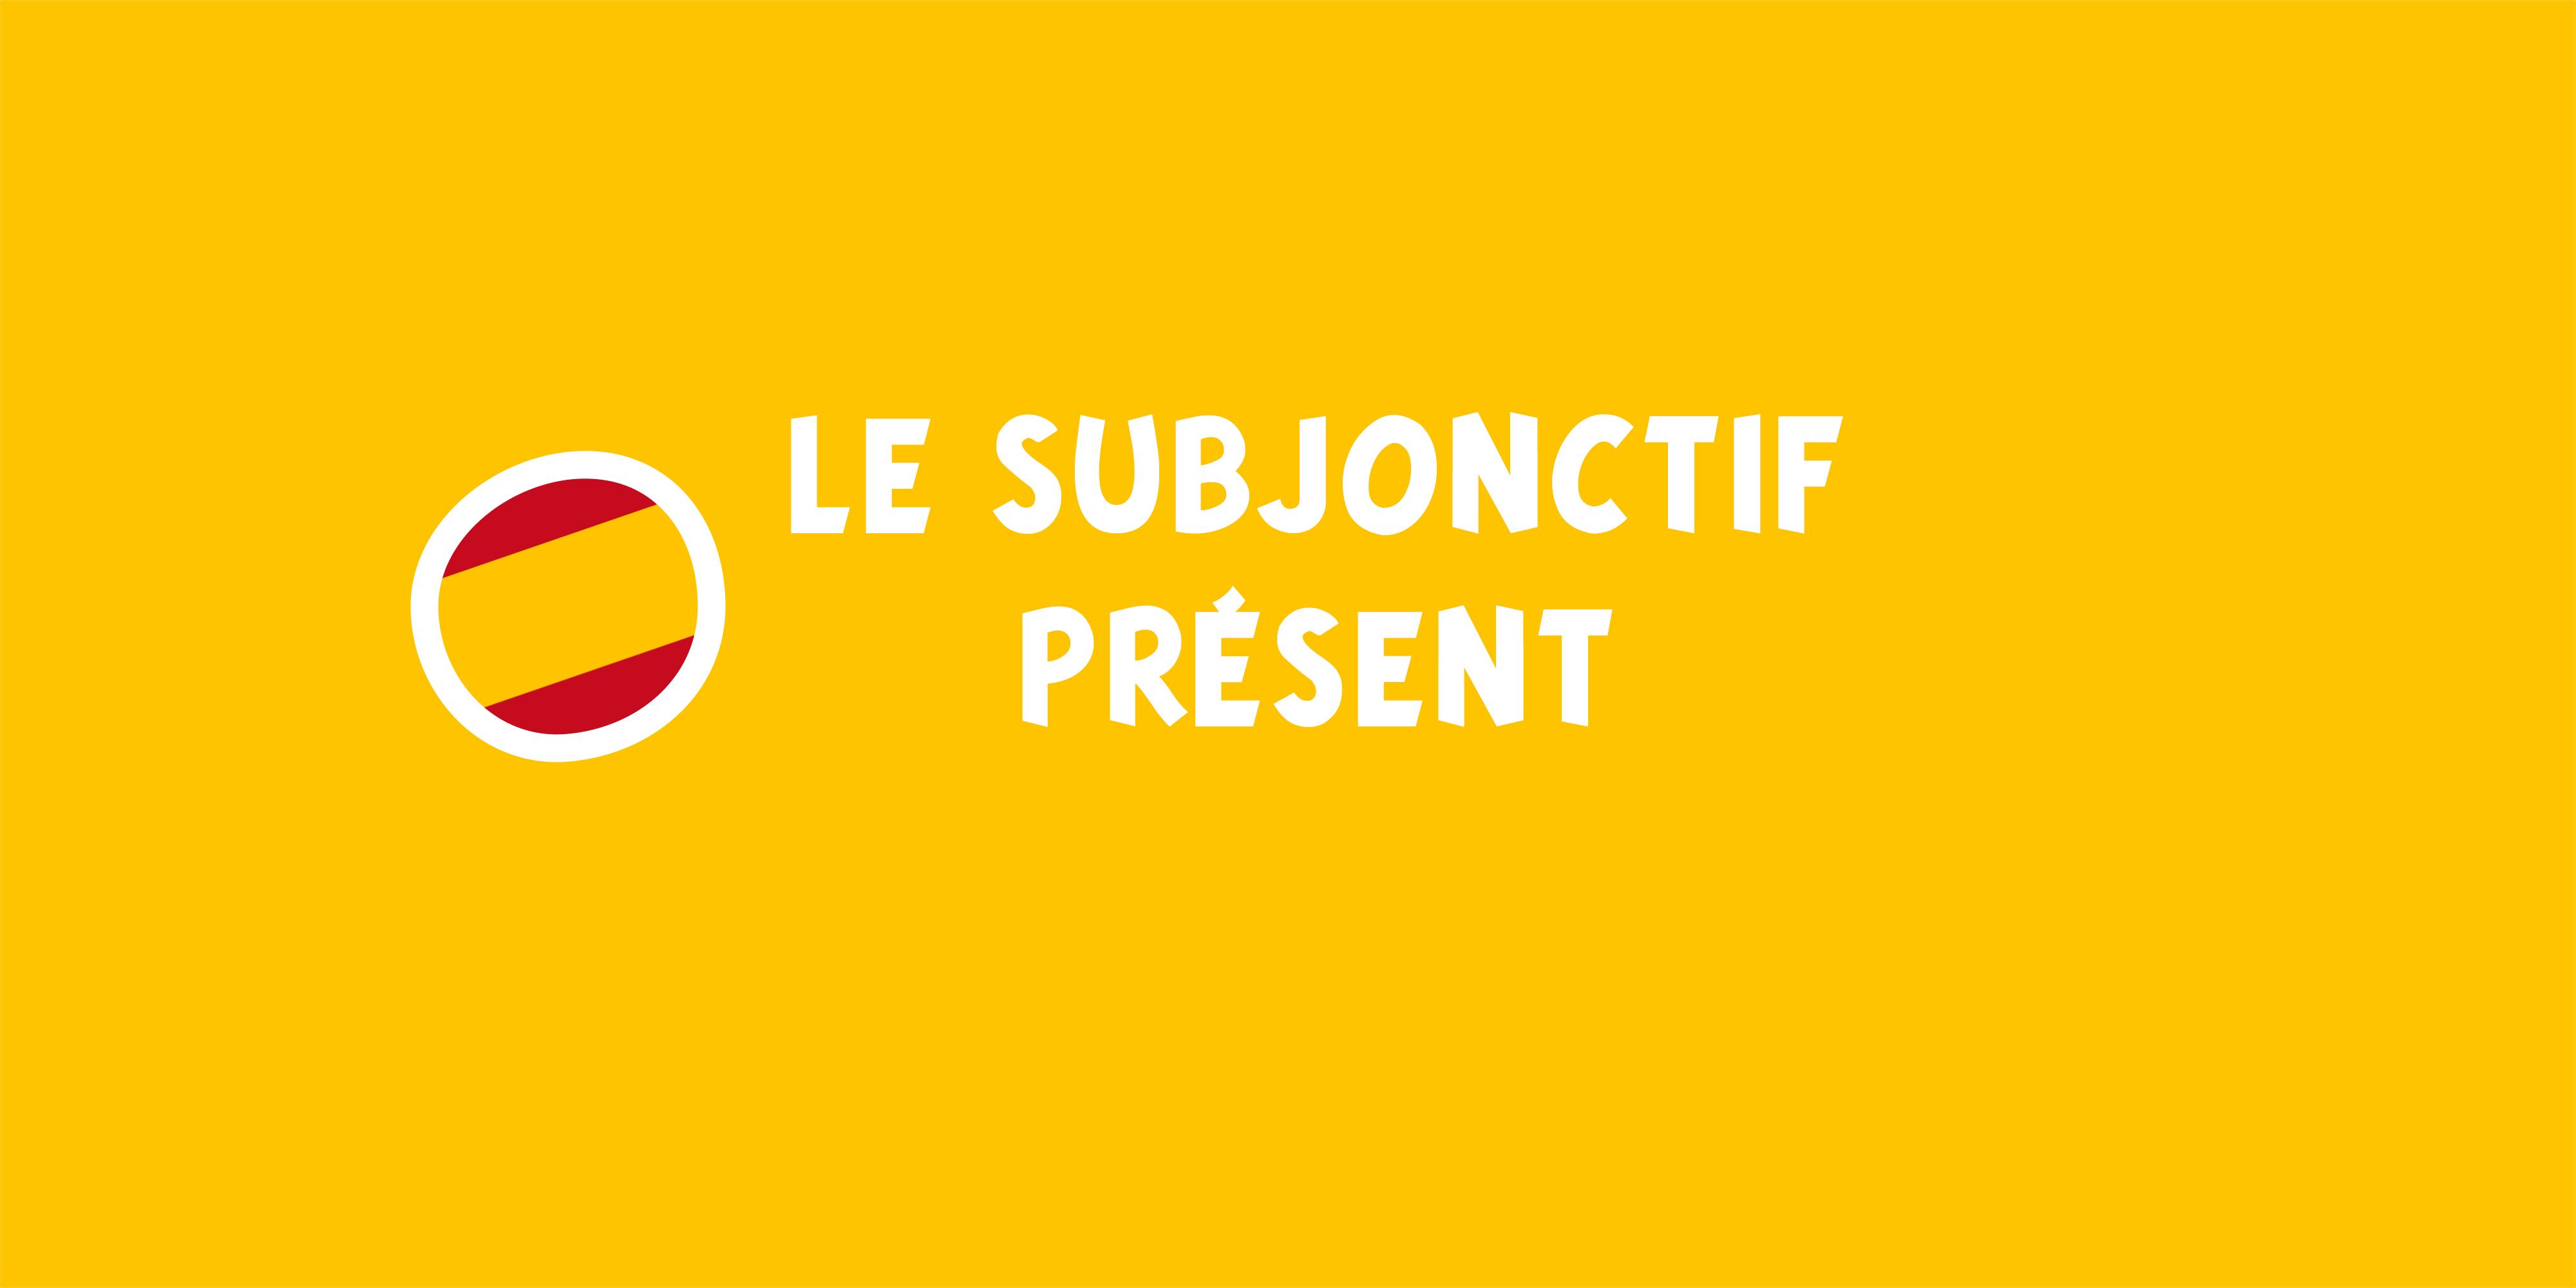 La Conjugaison Du Subjonctif Present En Espagnol Telemartin Tv L Accent Sur L Espagnol